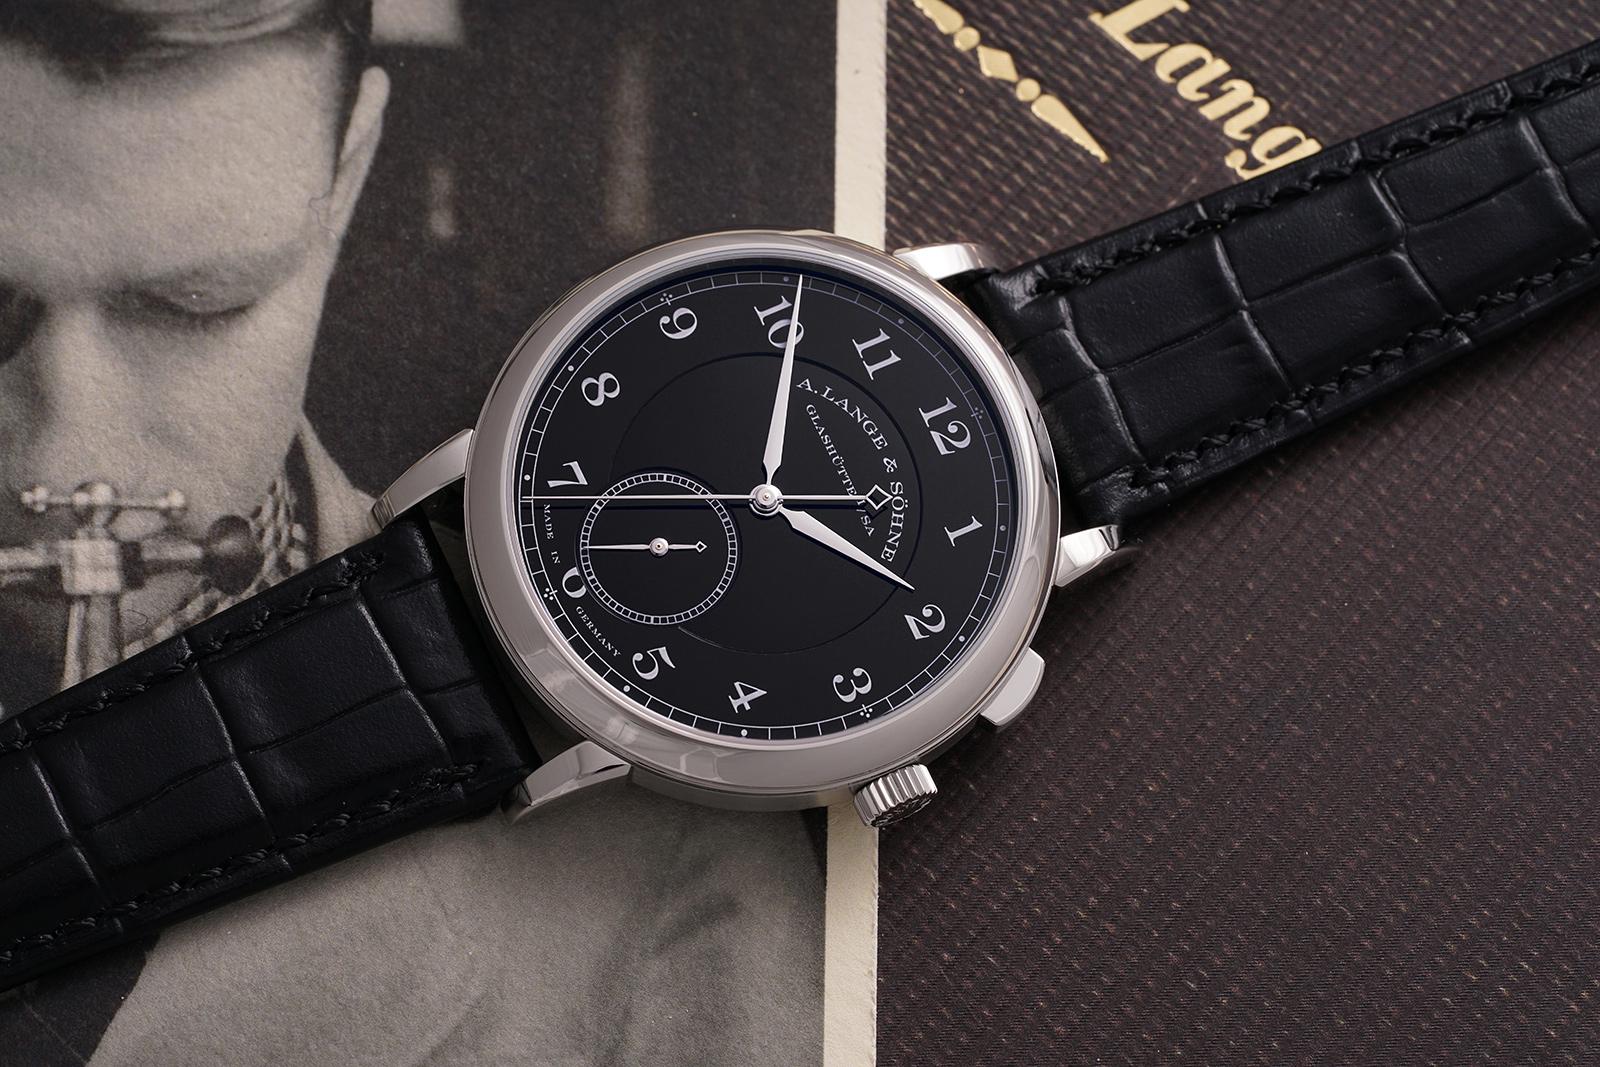 Lange 1815 Walter Lange stainless steel